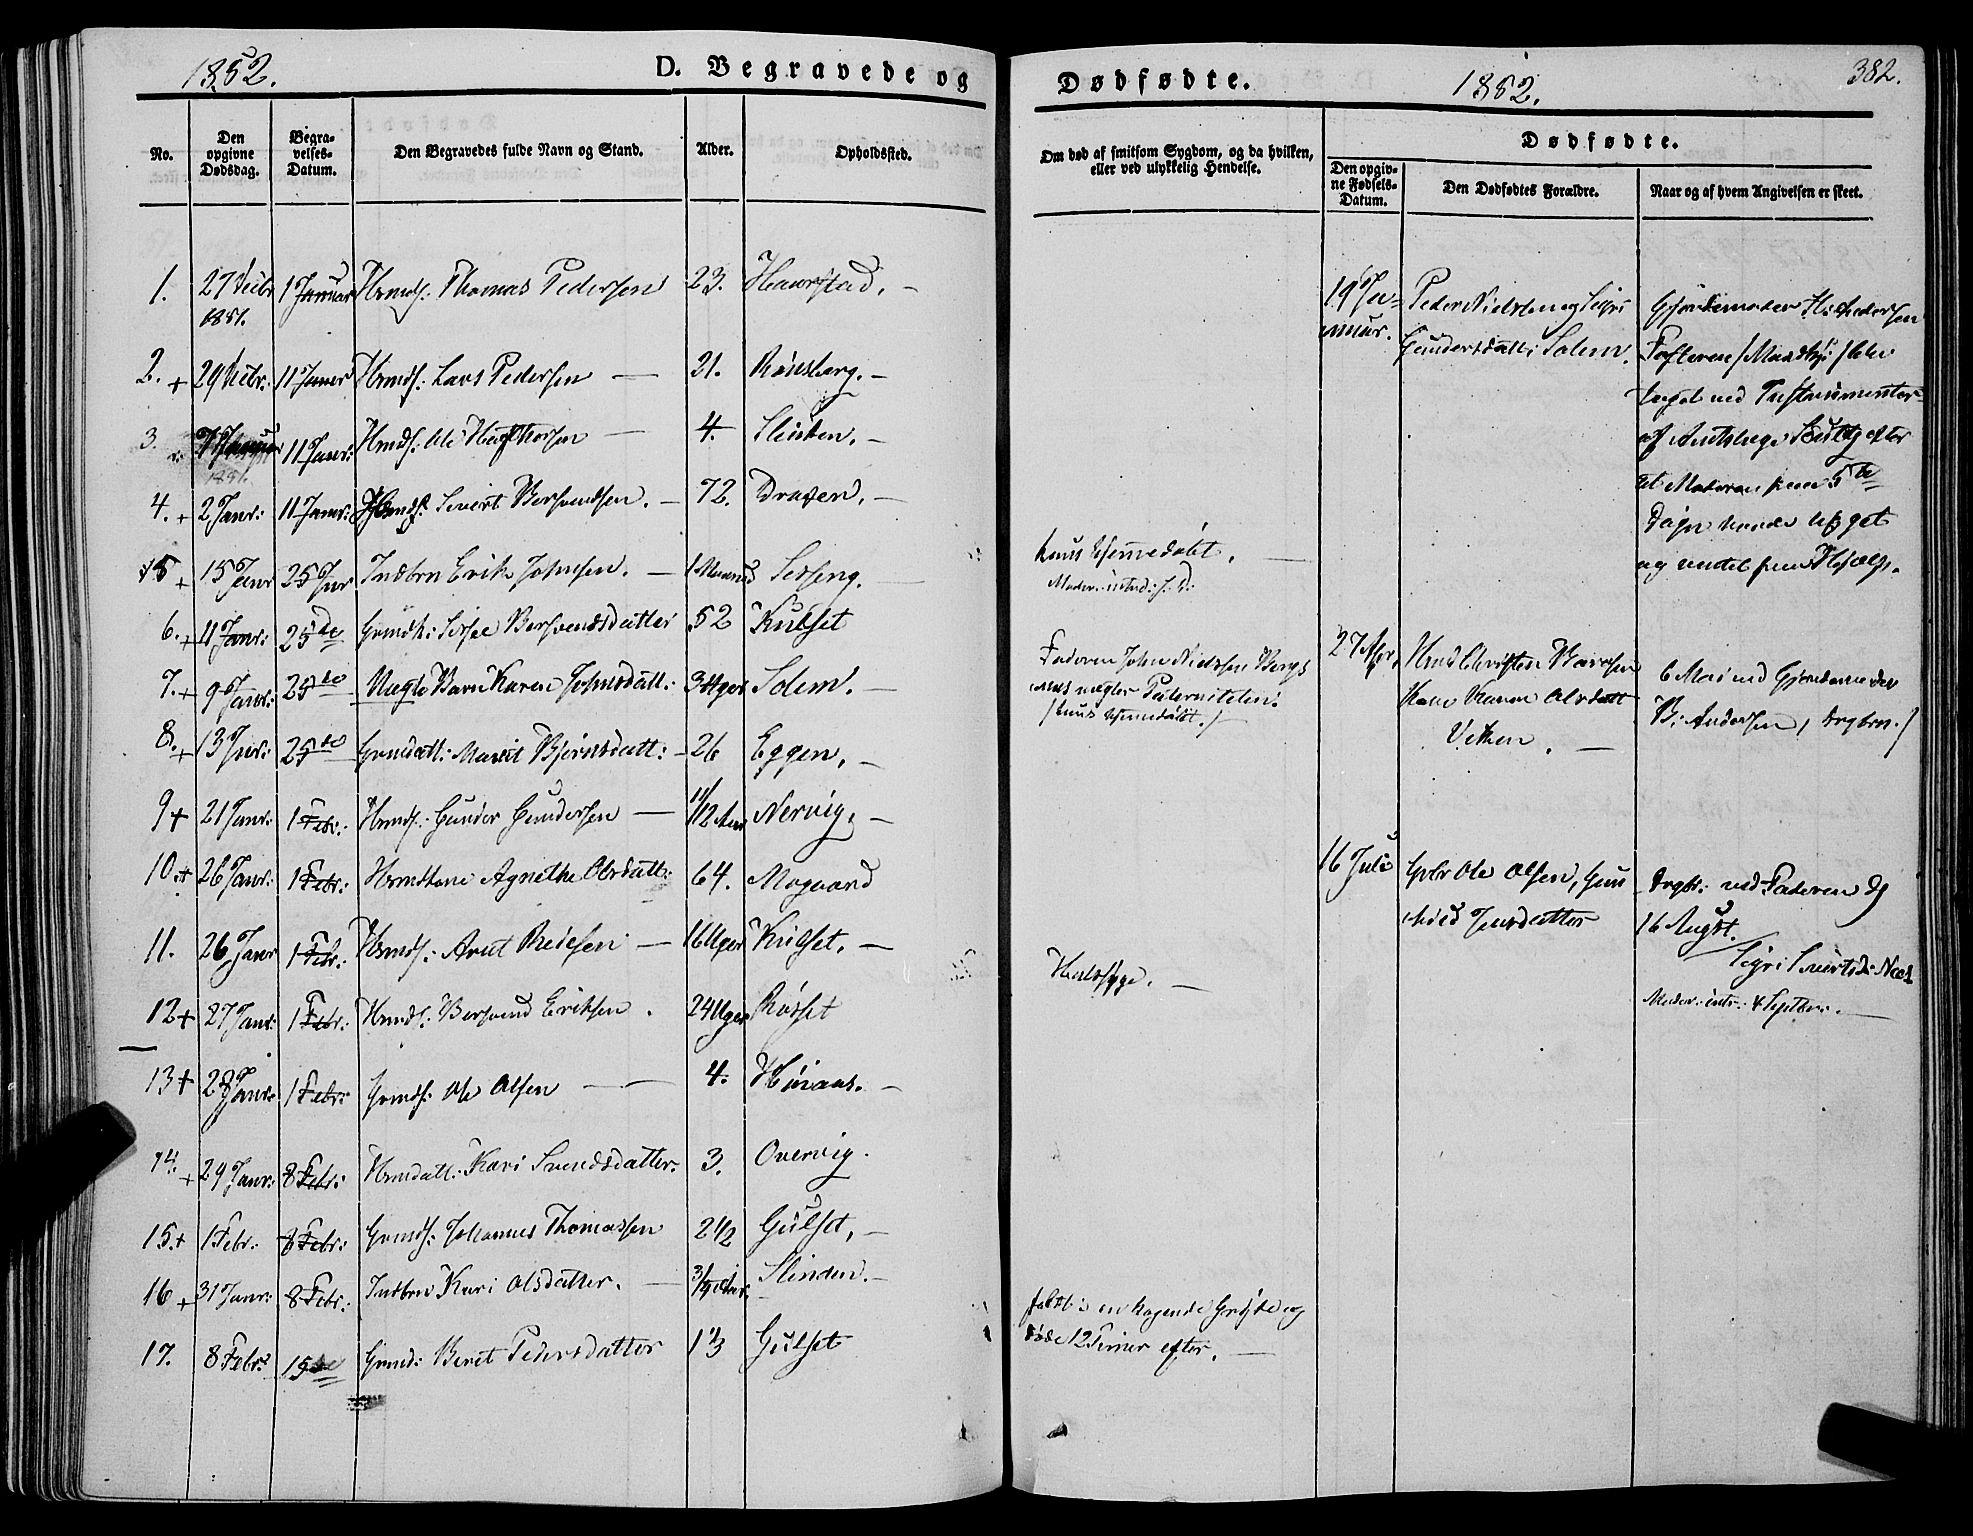 SAT, Ministerialprotokoller, klokkerbøker og fødselsregistre - Sør-Trøndelag, 695/L1145: Ministerialbok nr. 695A06 /1, 1843-1859, s. 382